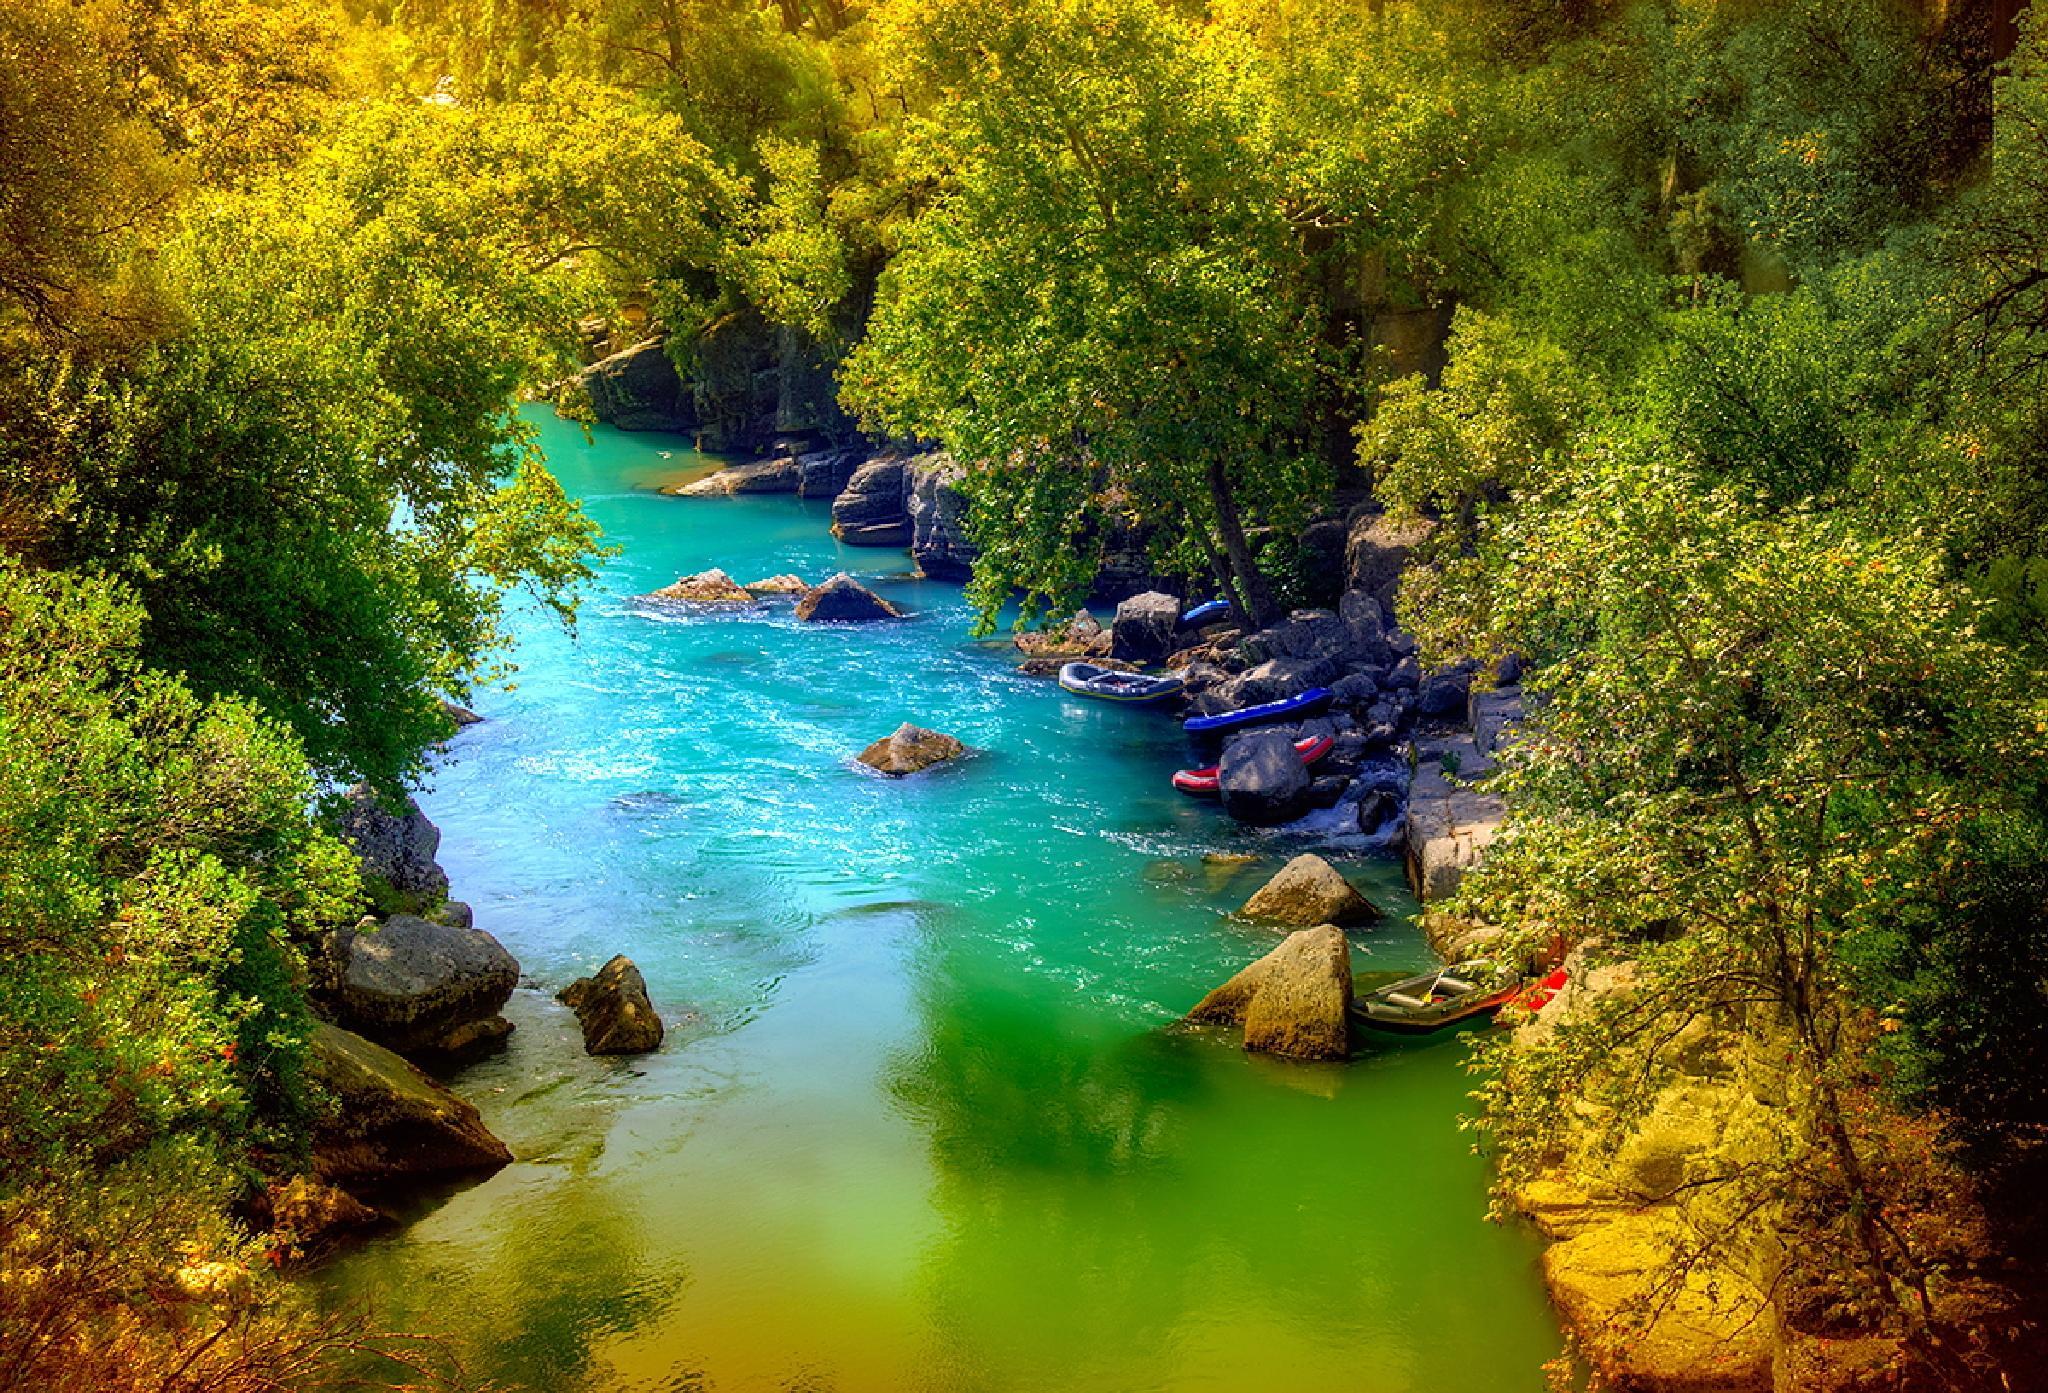 Rafting - spływ pontonem górską rzeką  by zbych41